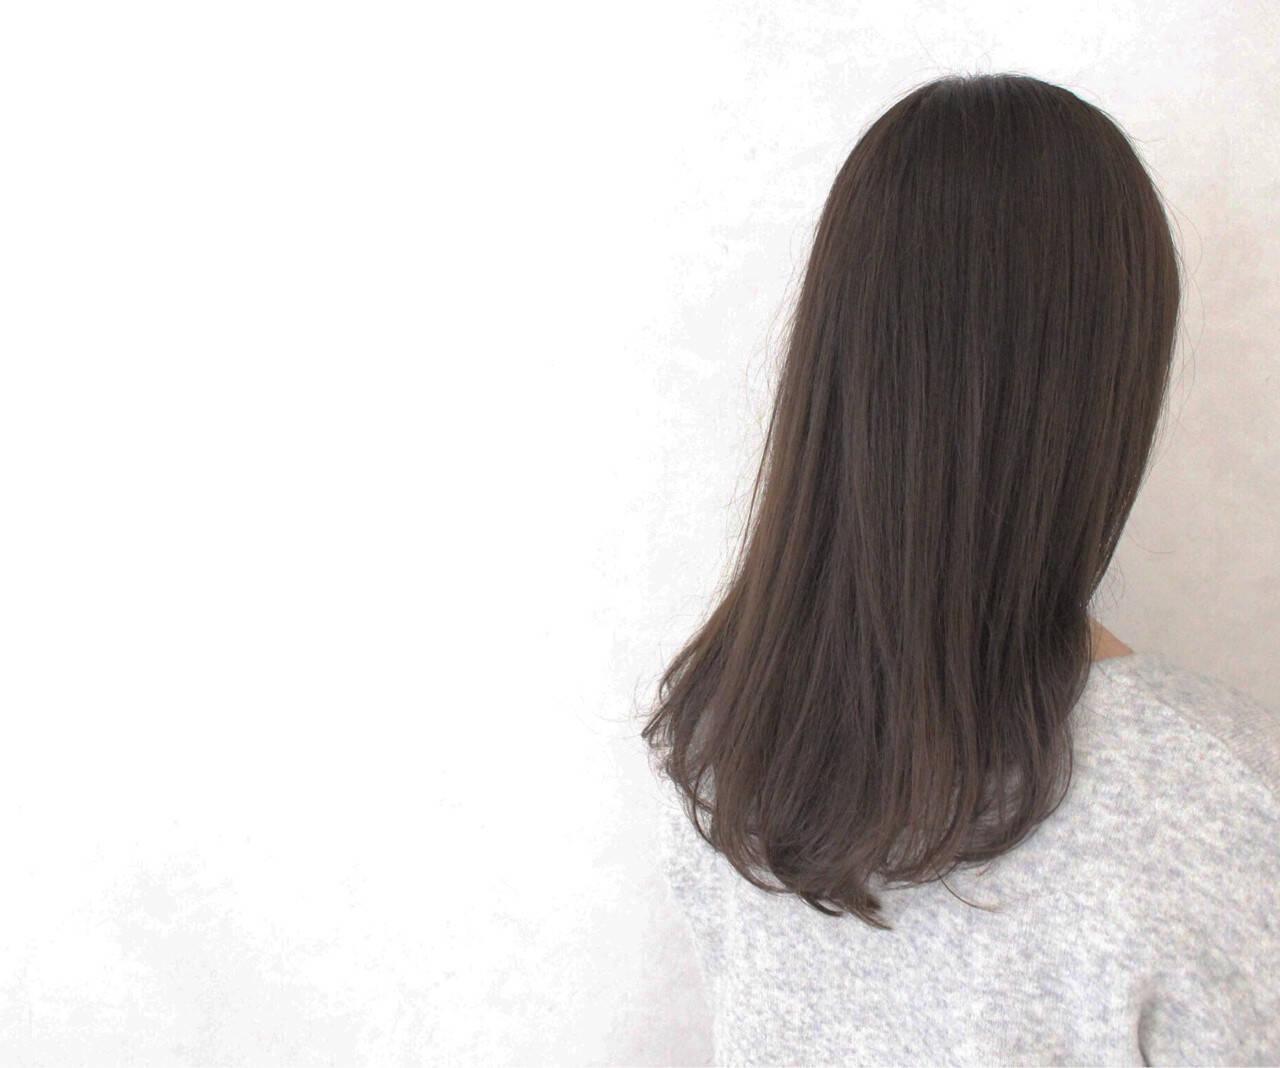 ナチュラル アッシュ 透明感 ロングヘアスタイルや髪型の写真・画像